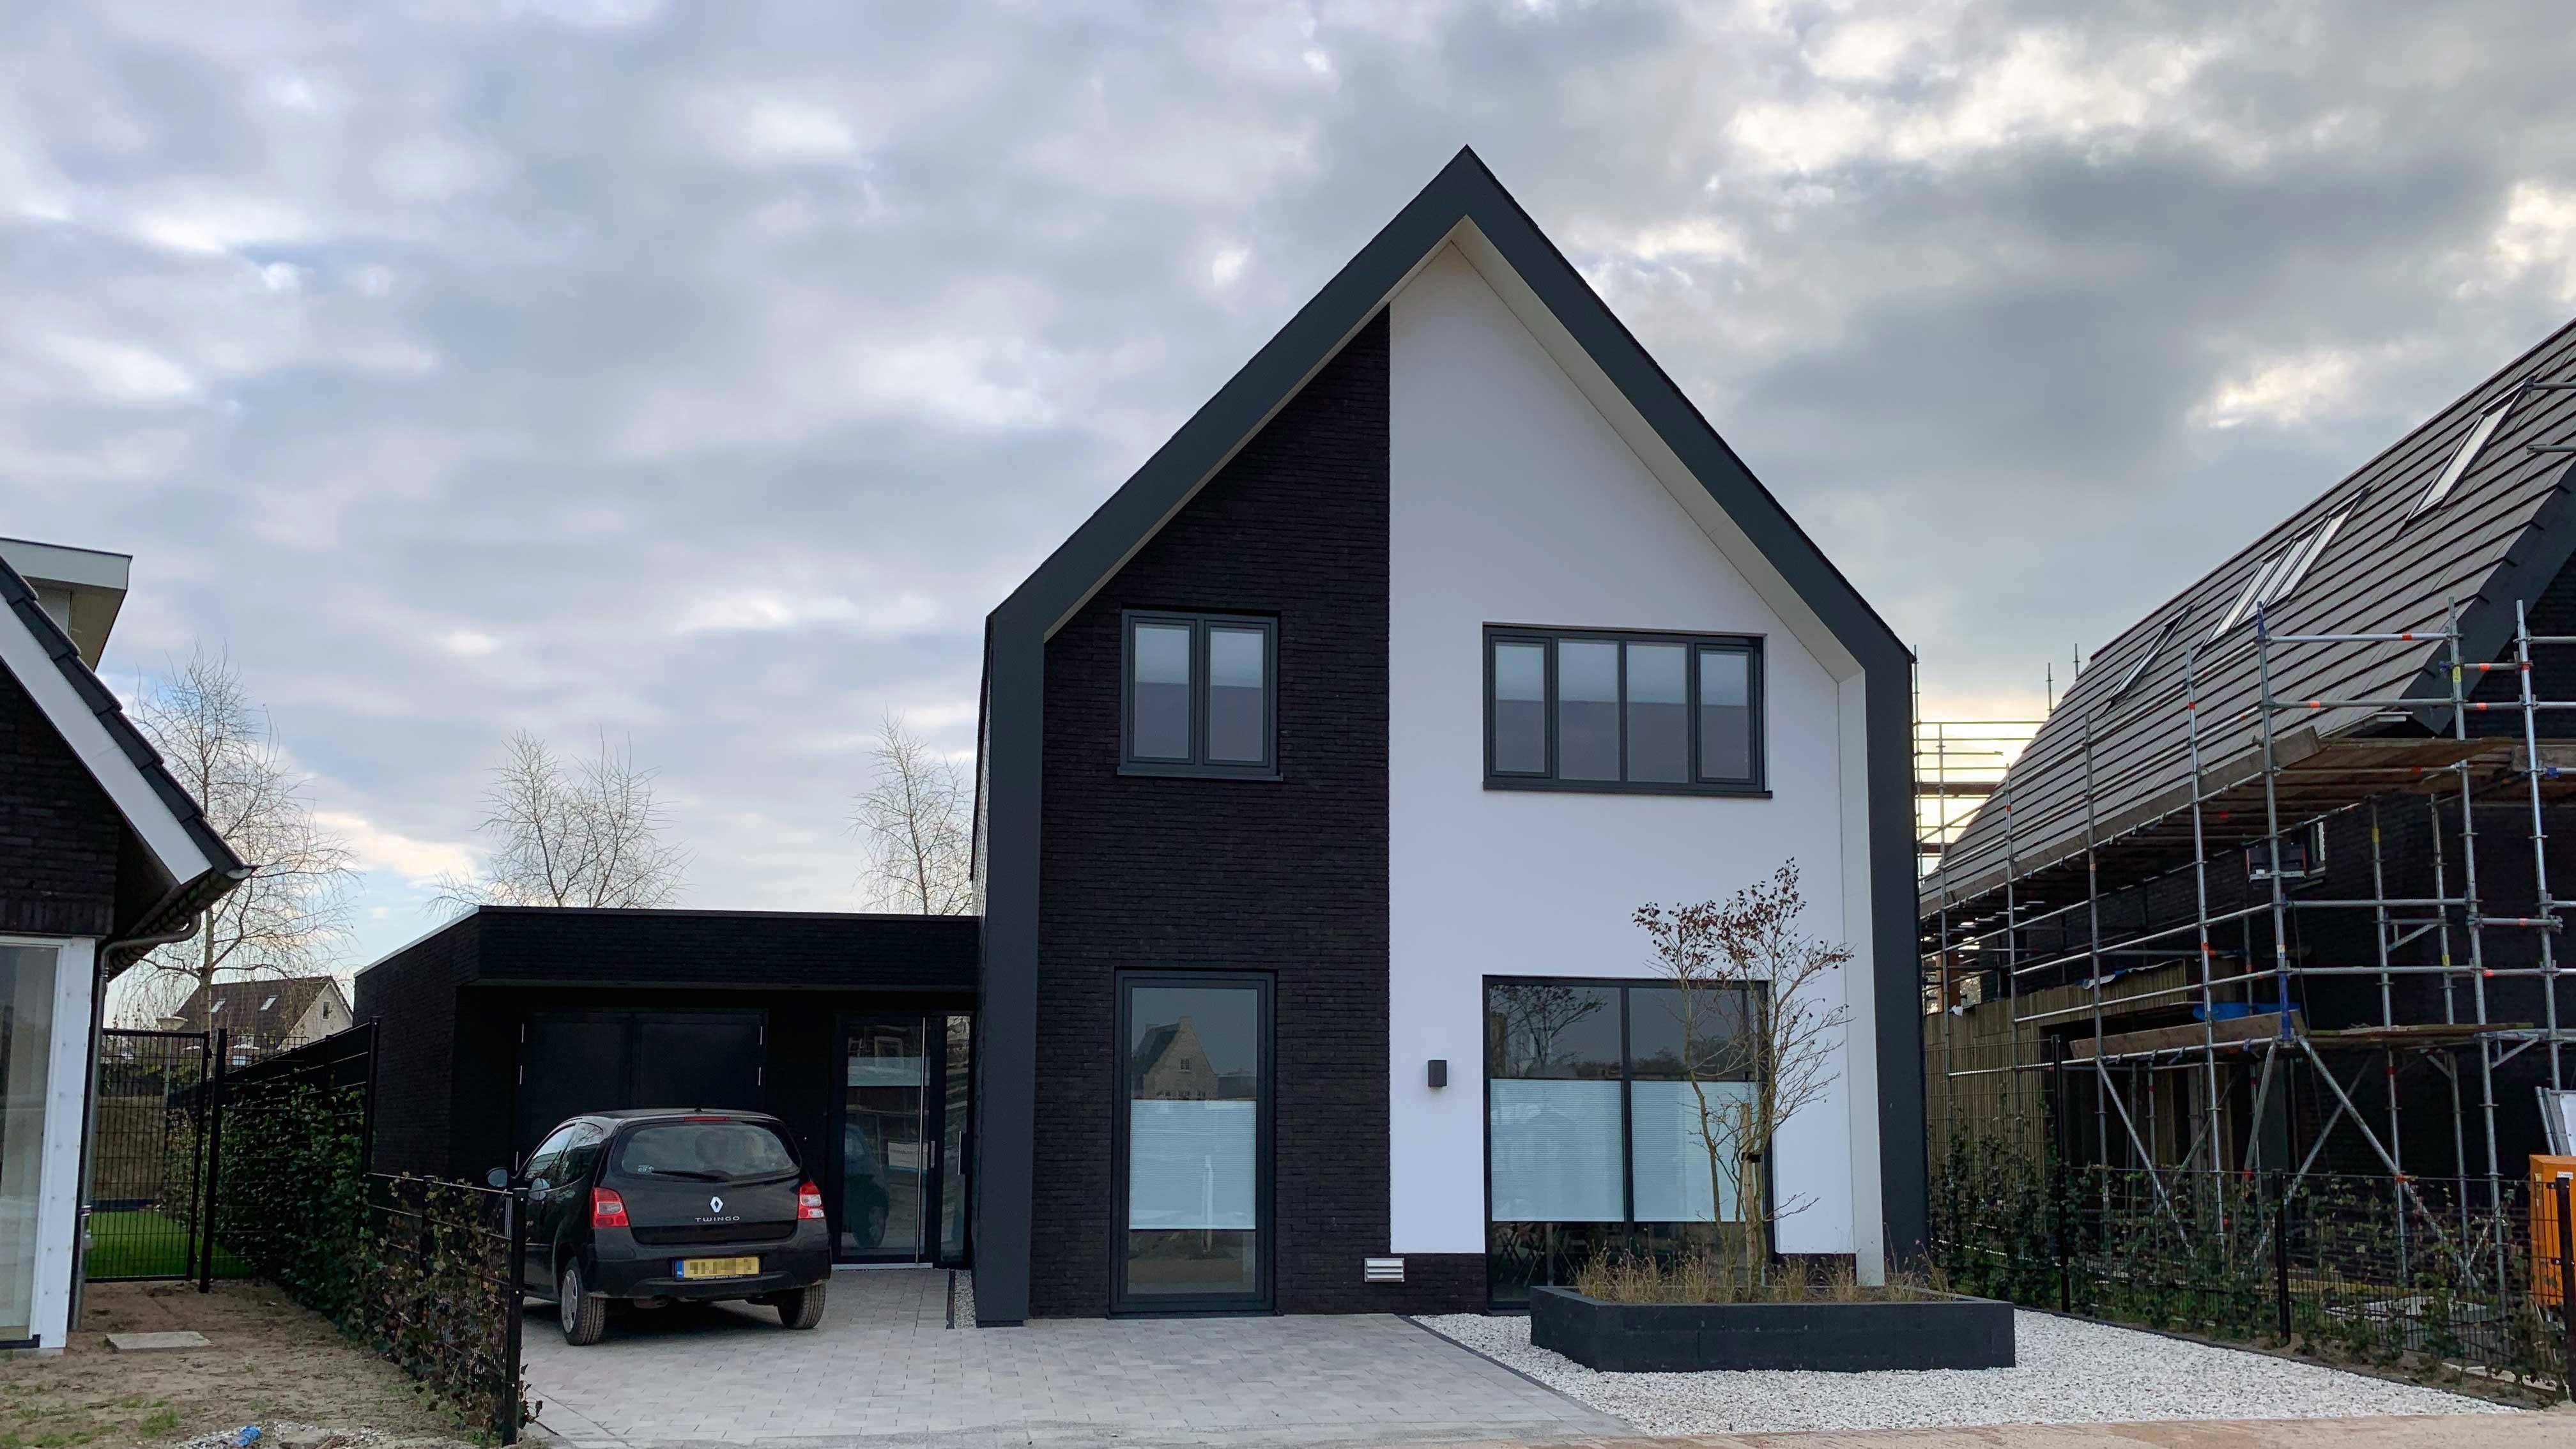 Studio voor Bouwkunst - Moderne strakke huiselijke woning in wit stuc zwarte steen eternit pannen - Harderweide, Harderwijk